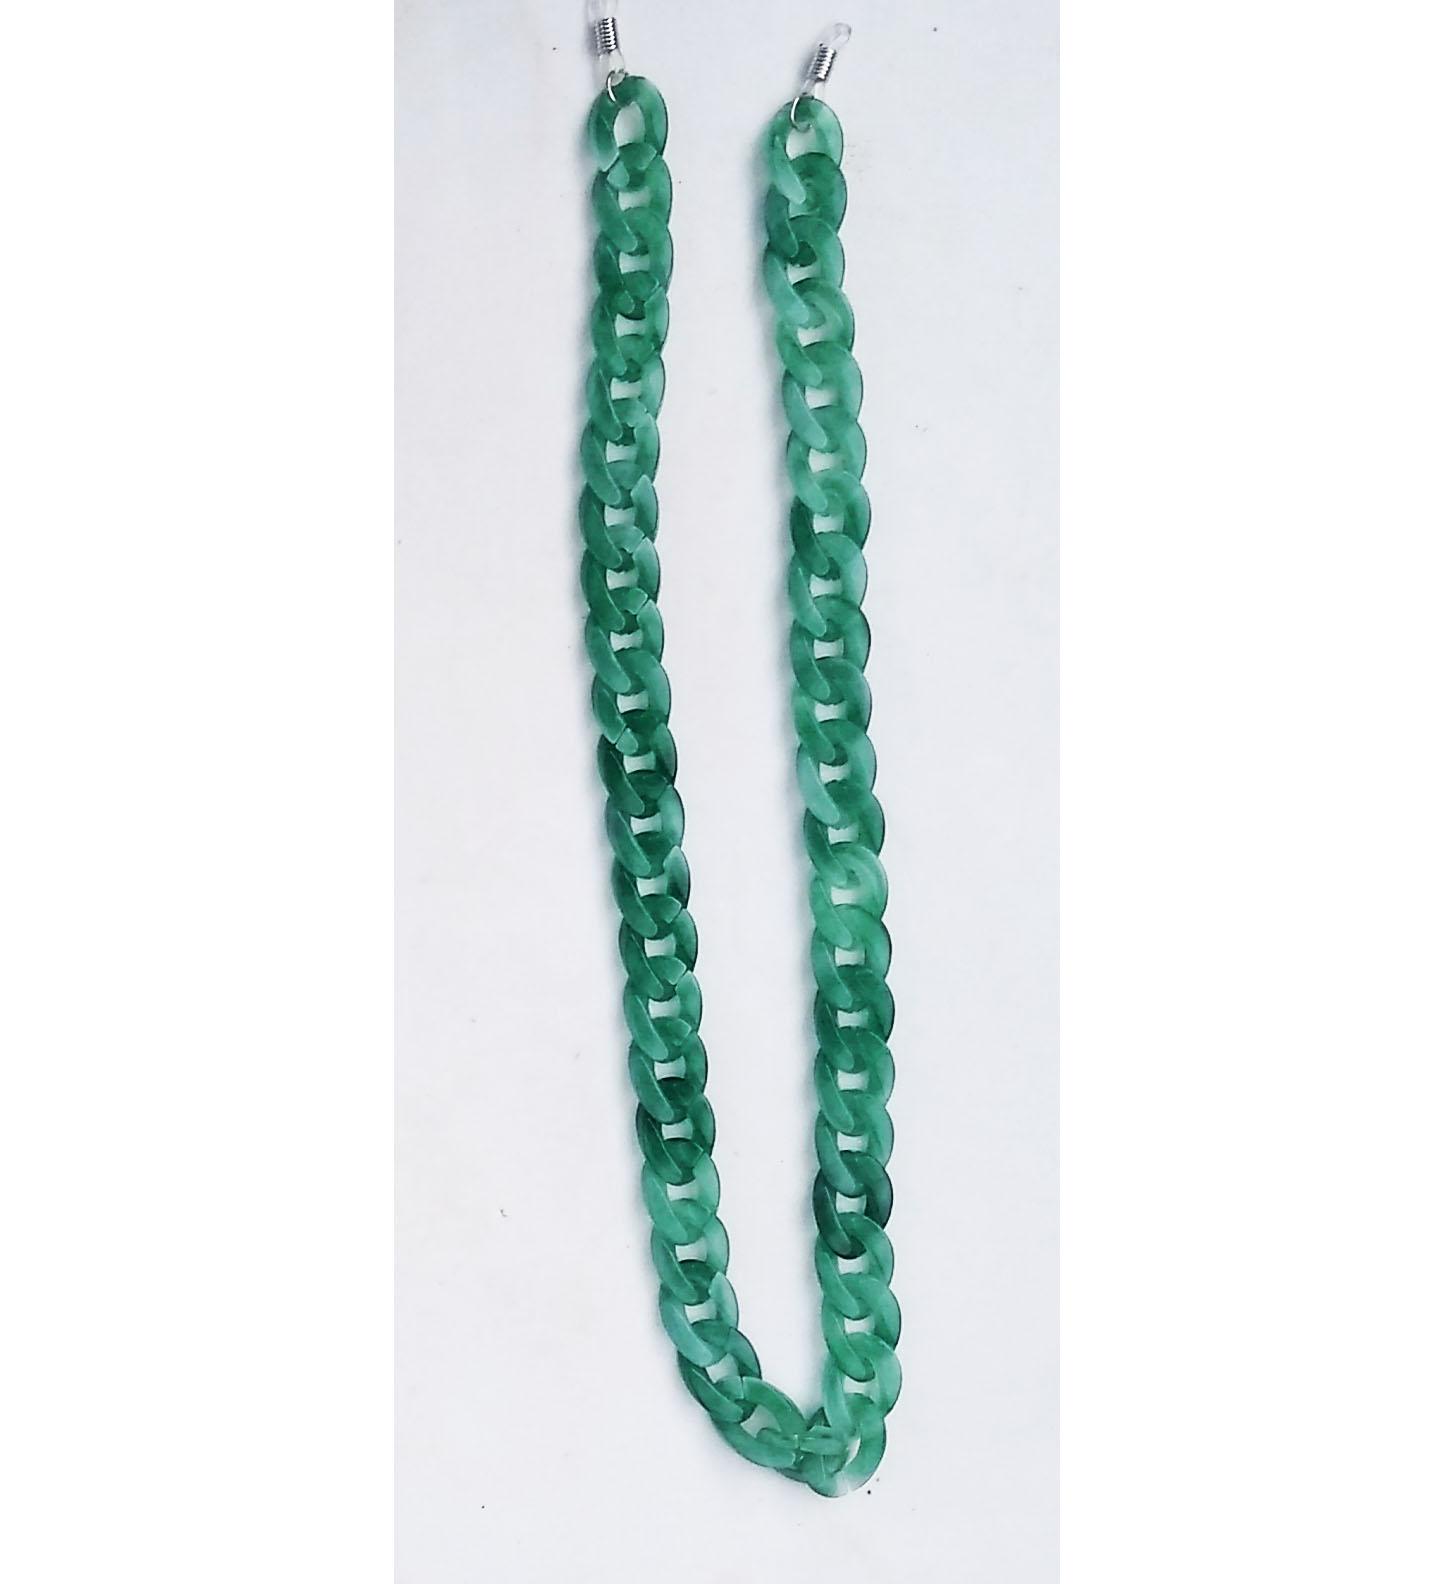 Corrente de óculos Salva Óculos Corrente em resina Green Jade Fashion